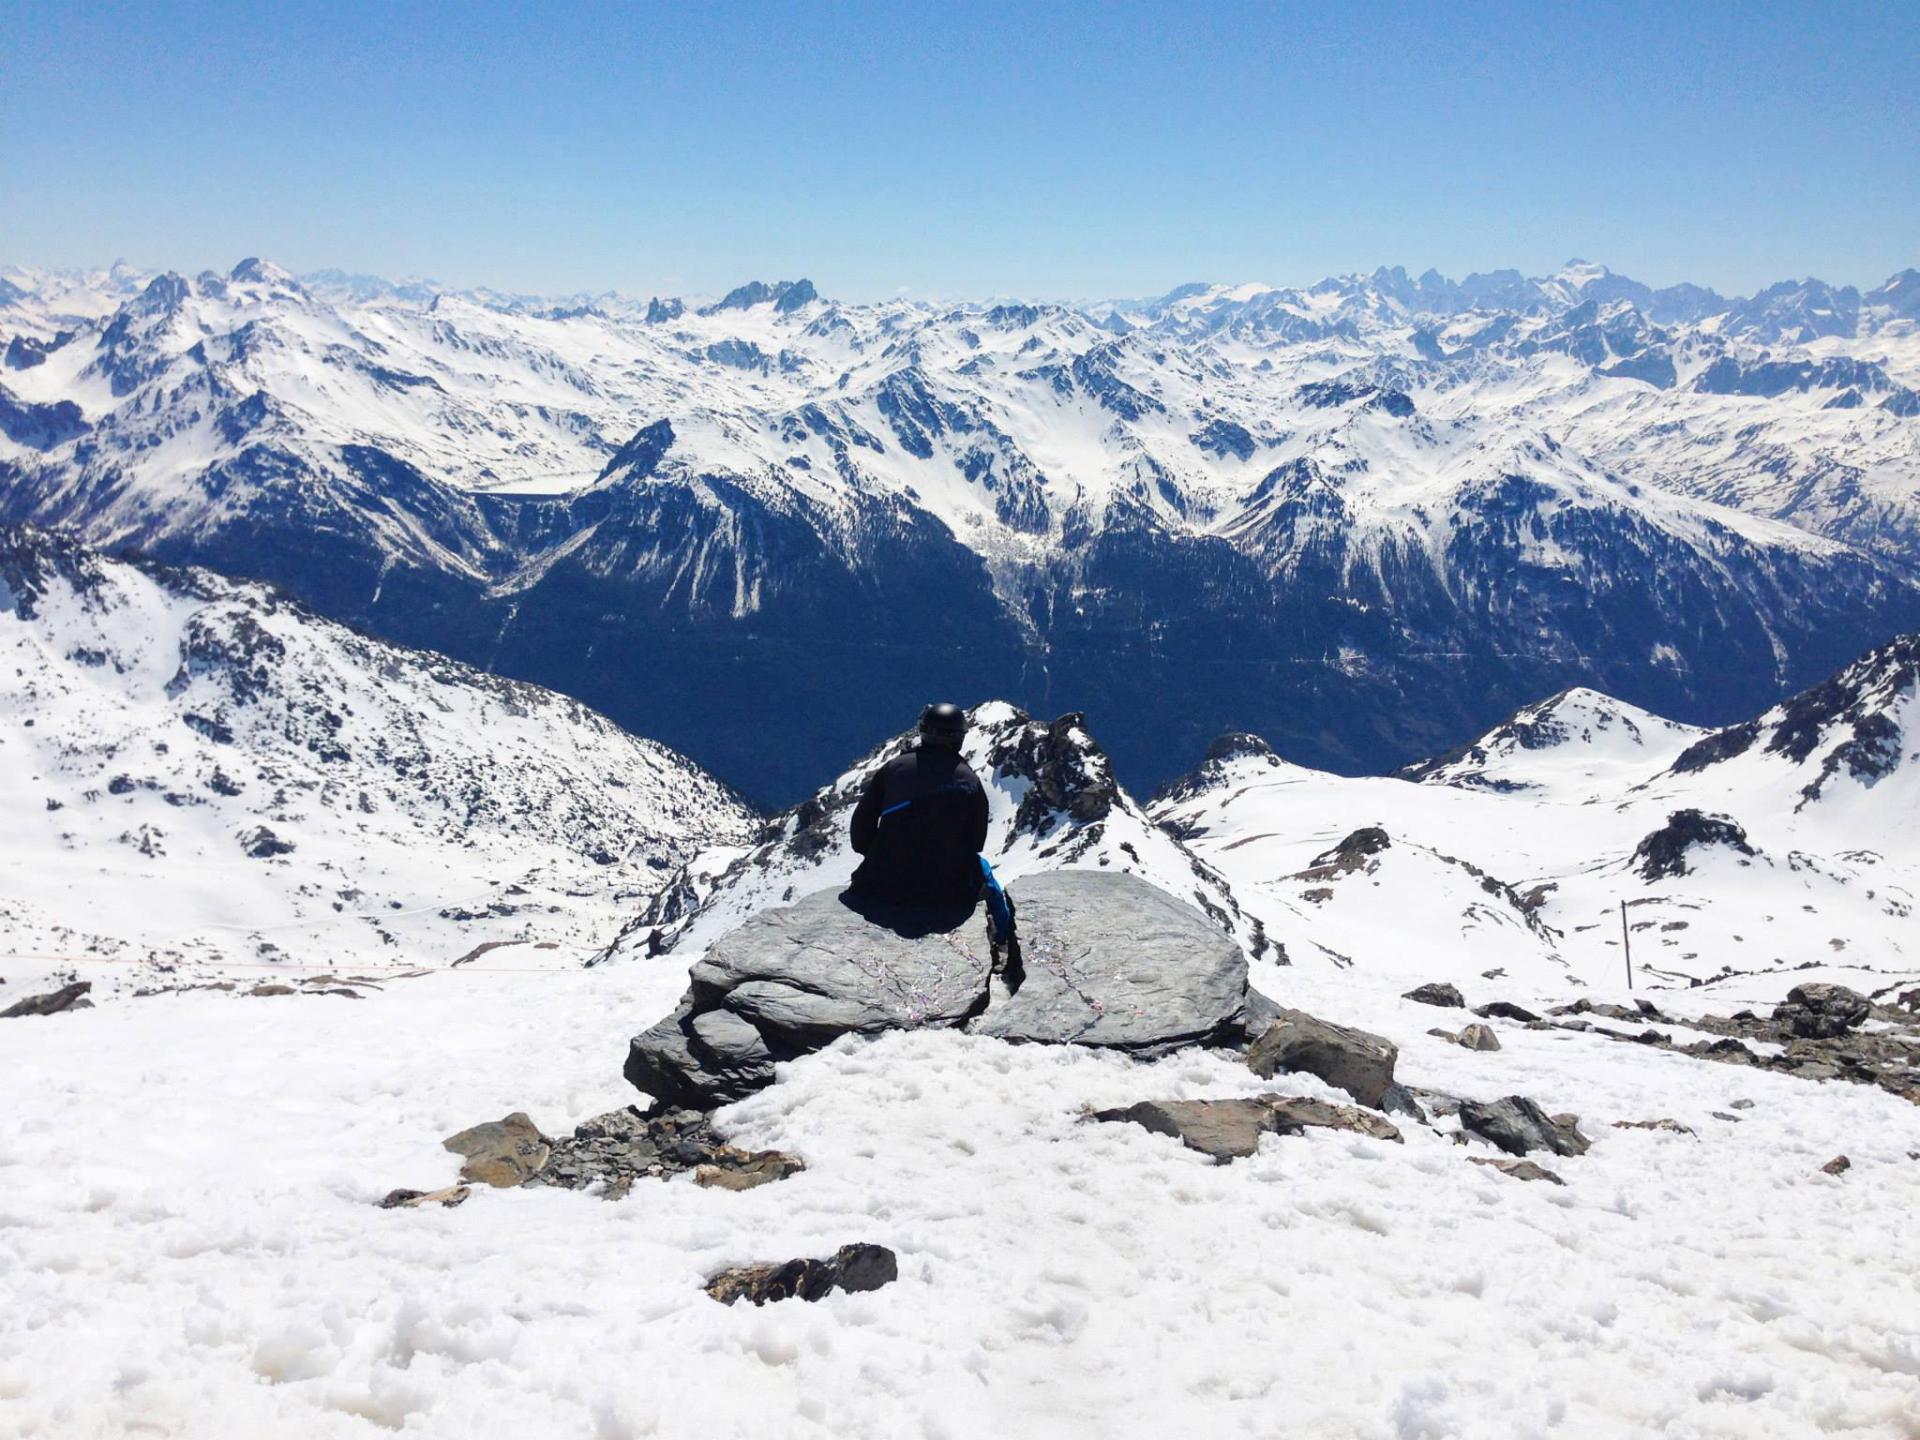 Ski Explorer Crystal Ski